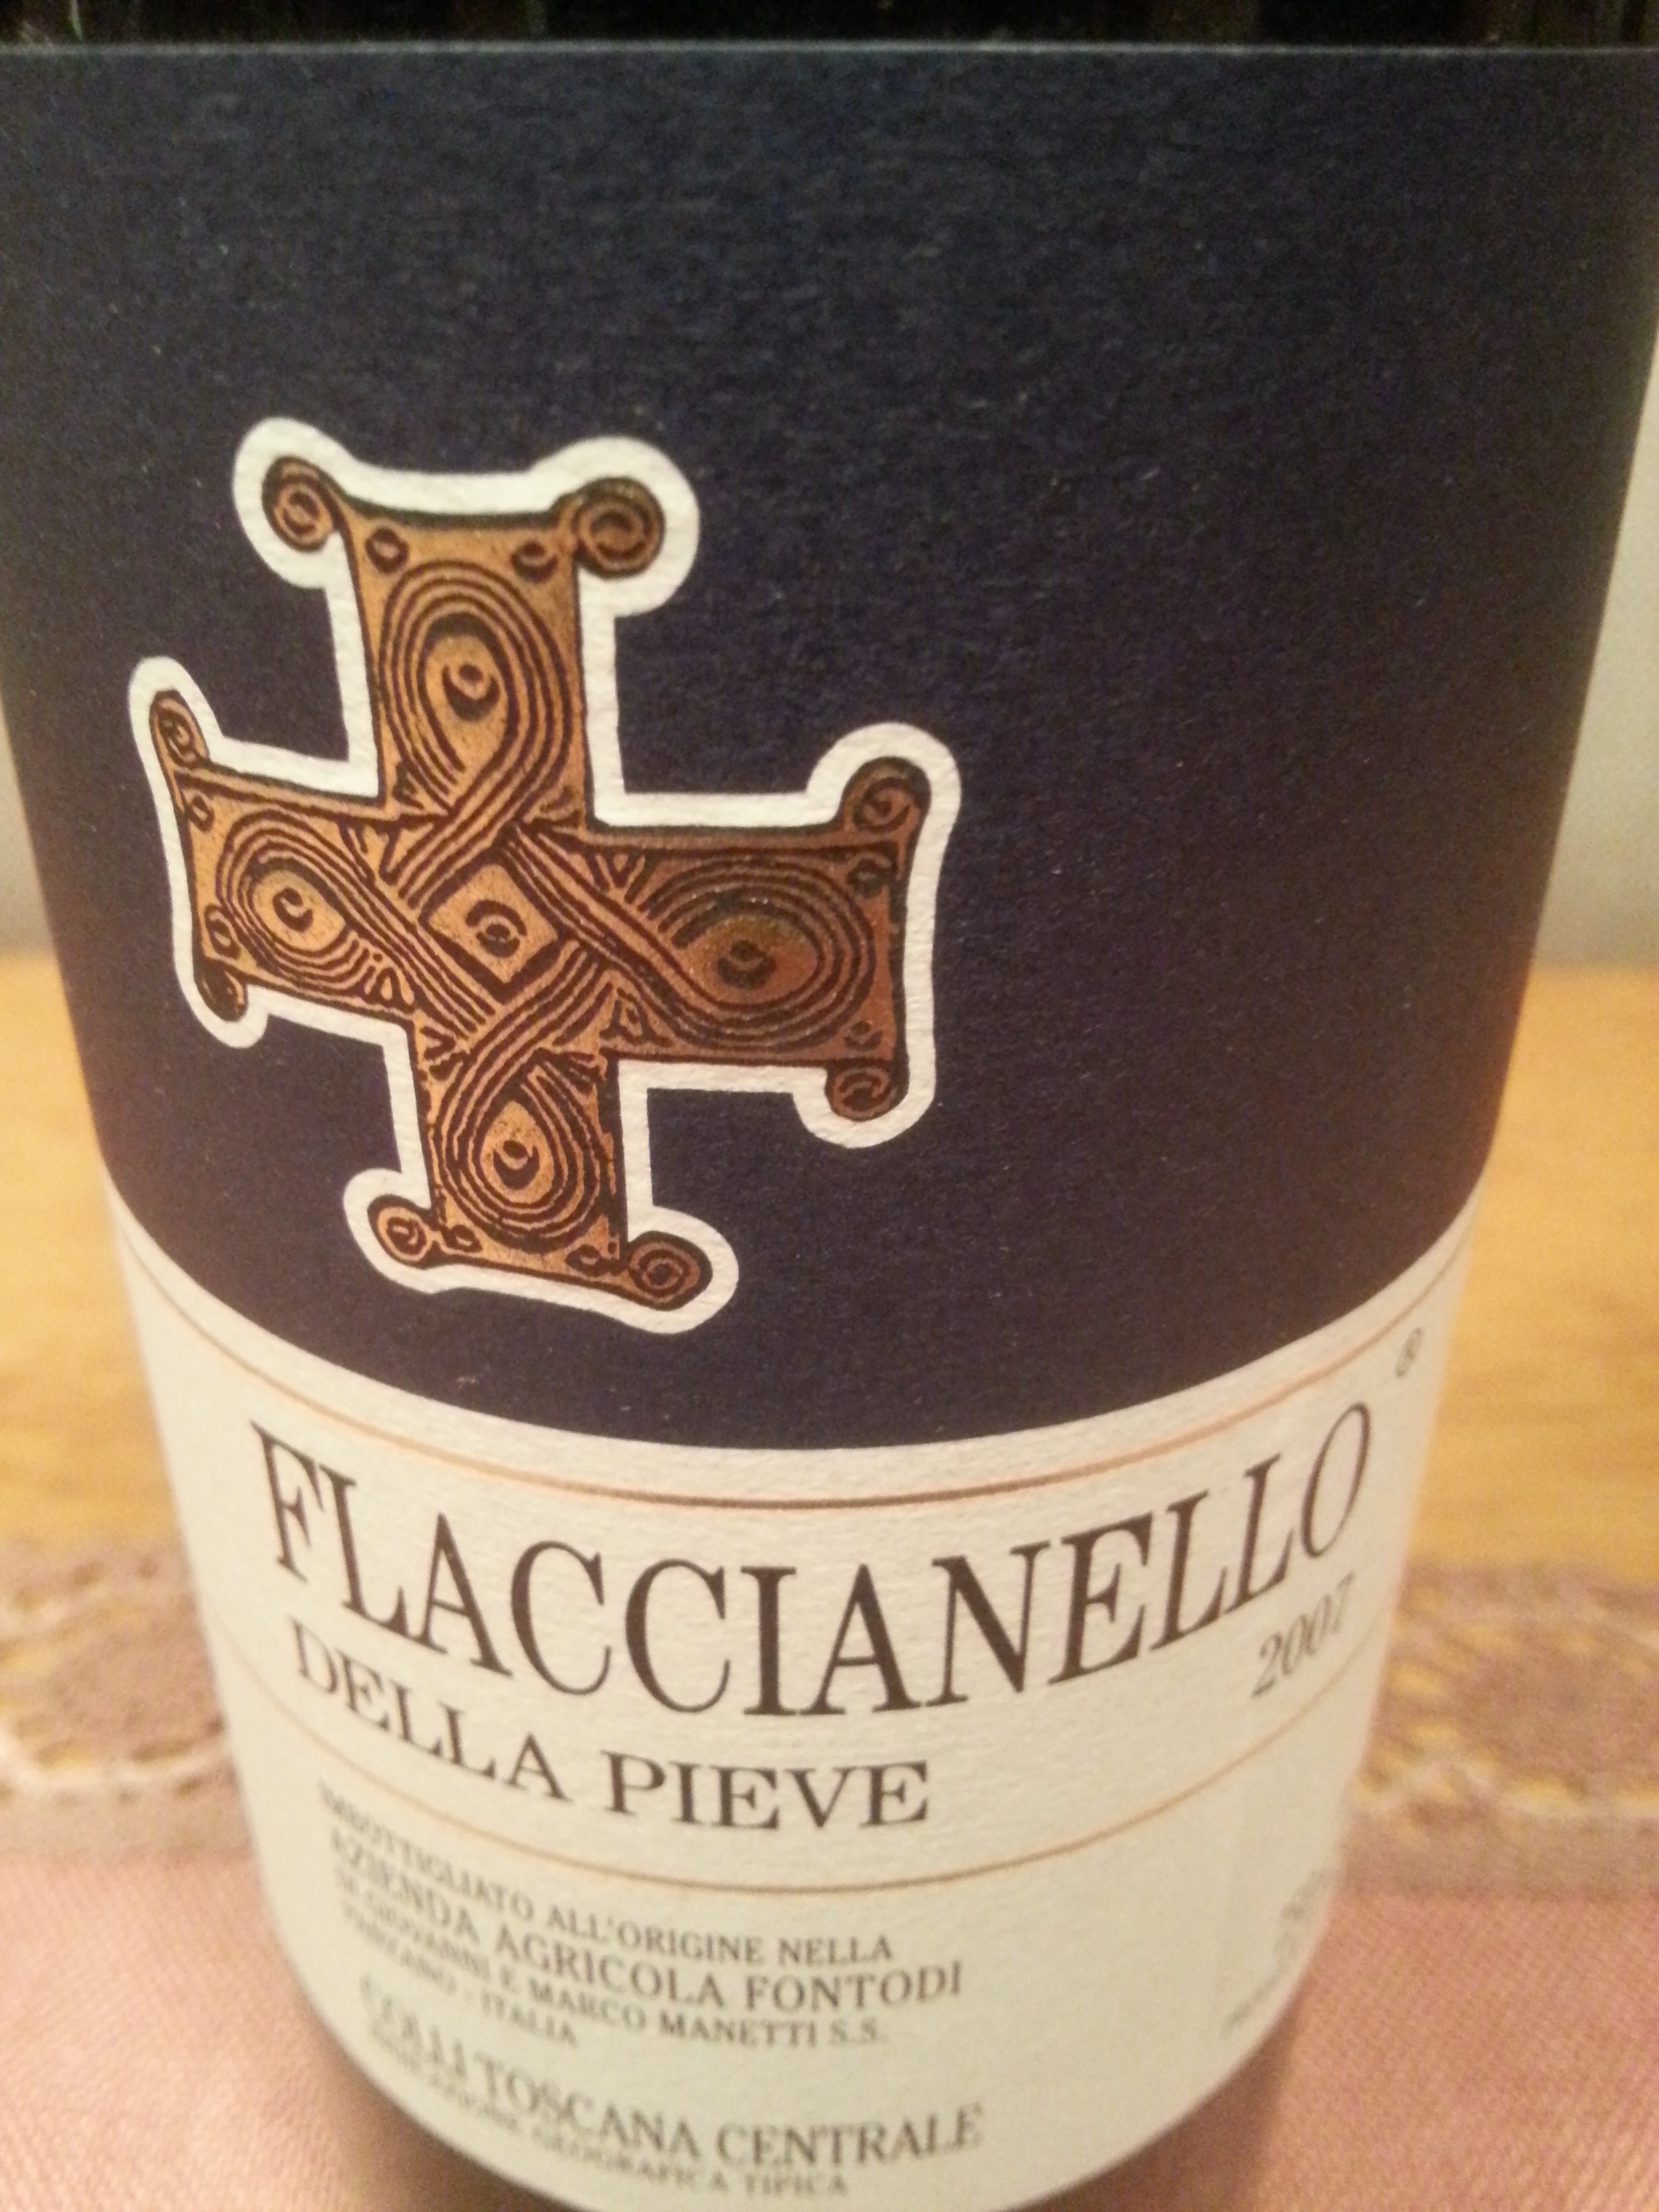 2007 Flaccianello | Fontodi